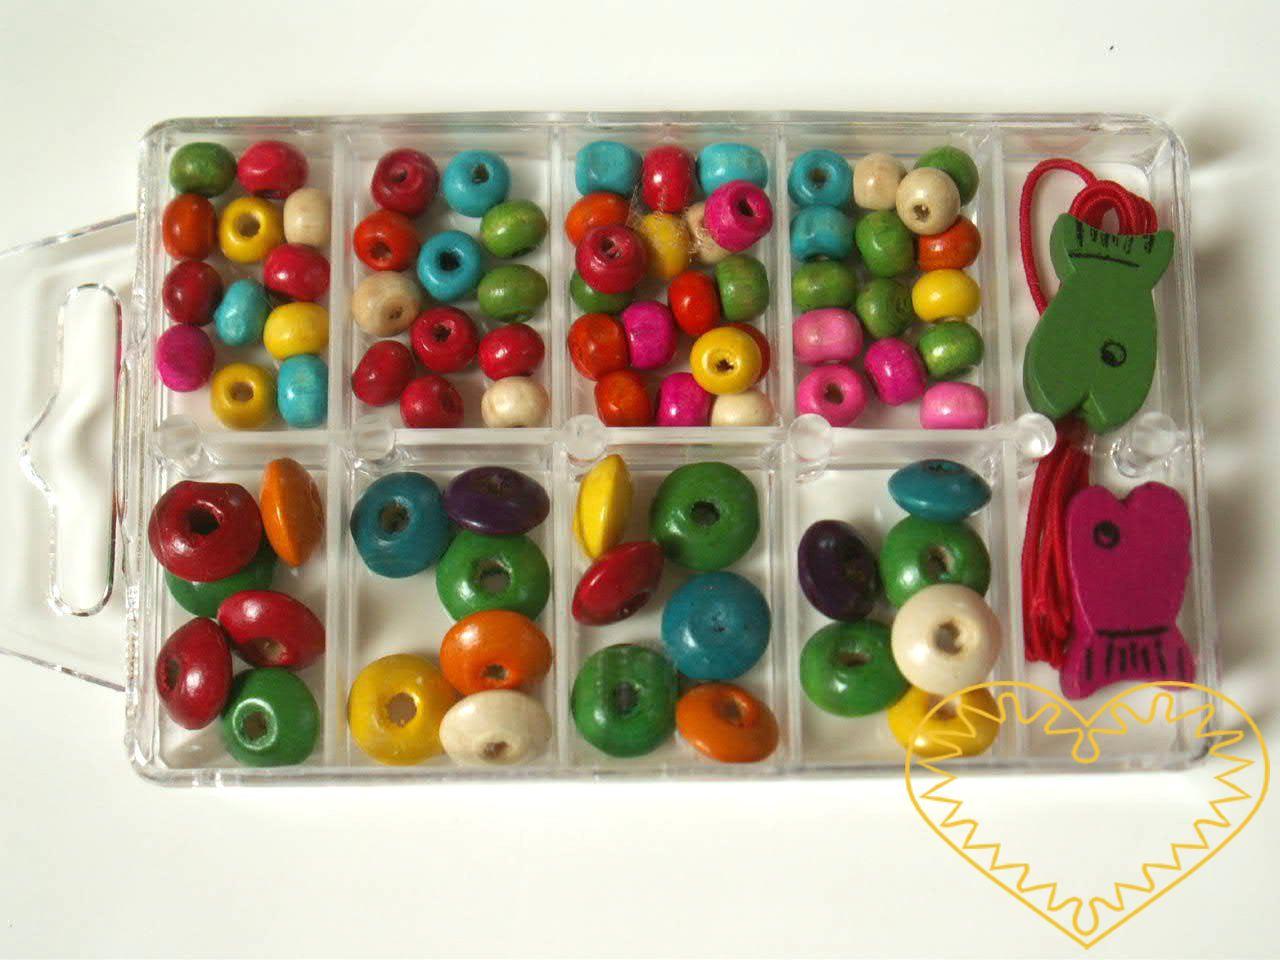 Korálky dřevěné v plastovém boxu. Vkusný dárek pro malé tvořilky. Korálky jsou umístěny v pevné plastové krabičce. Krabička měří 60 x 90 mm, je rozdělená na 10 oddělení. Vzory dřevěných korálků jsou v náhodných mixech barev, velikostí i vzorů. Každé